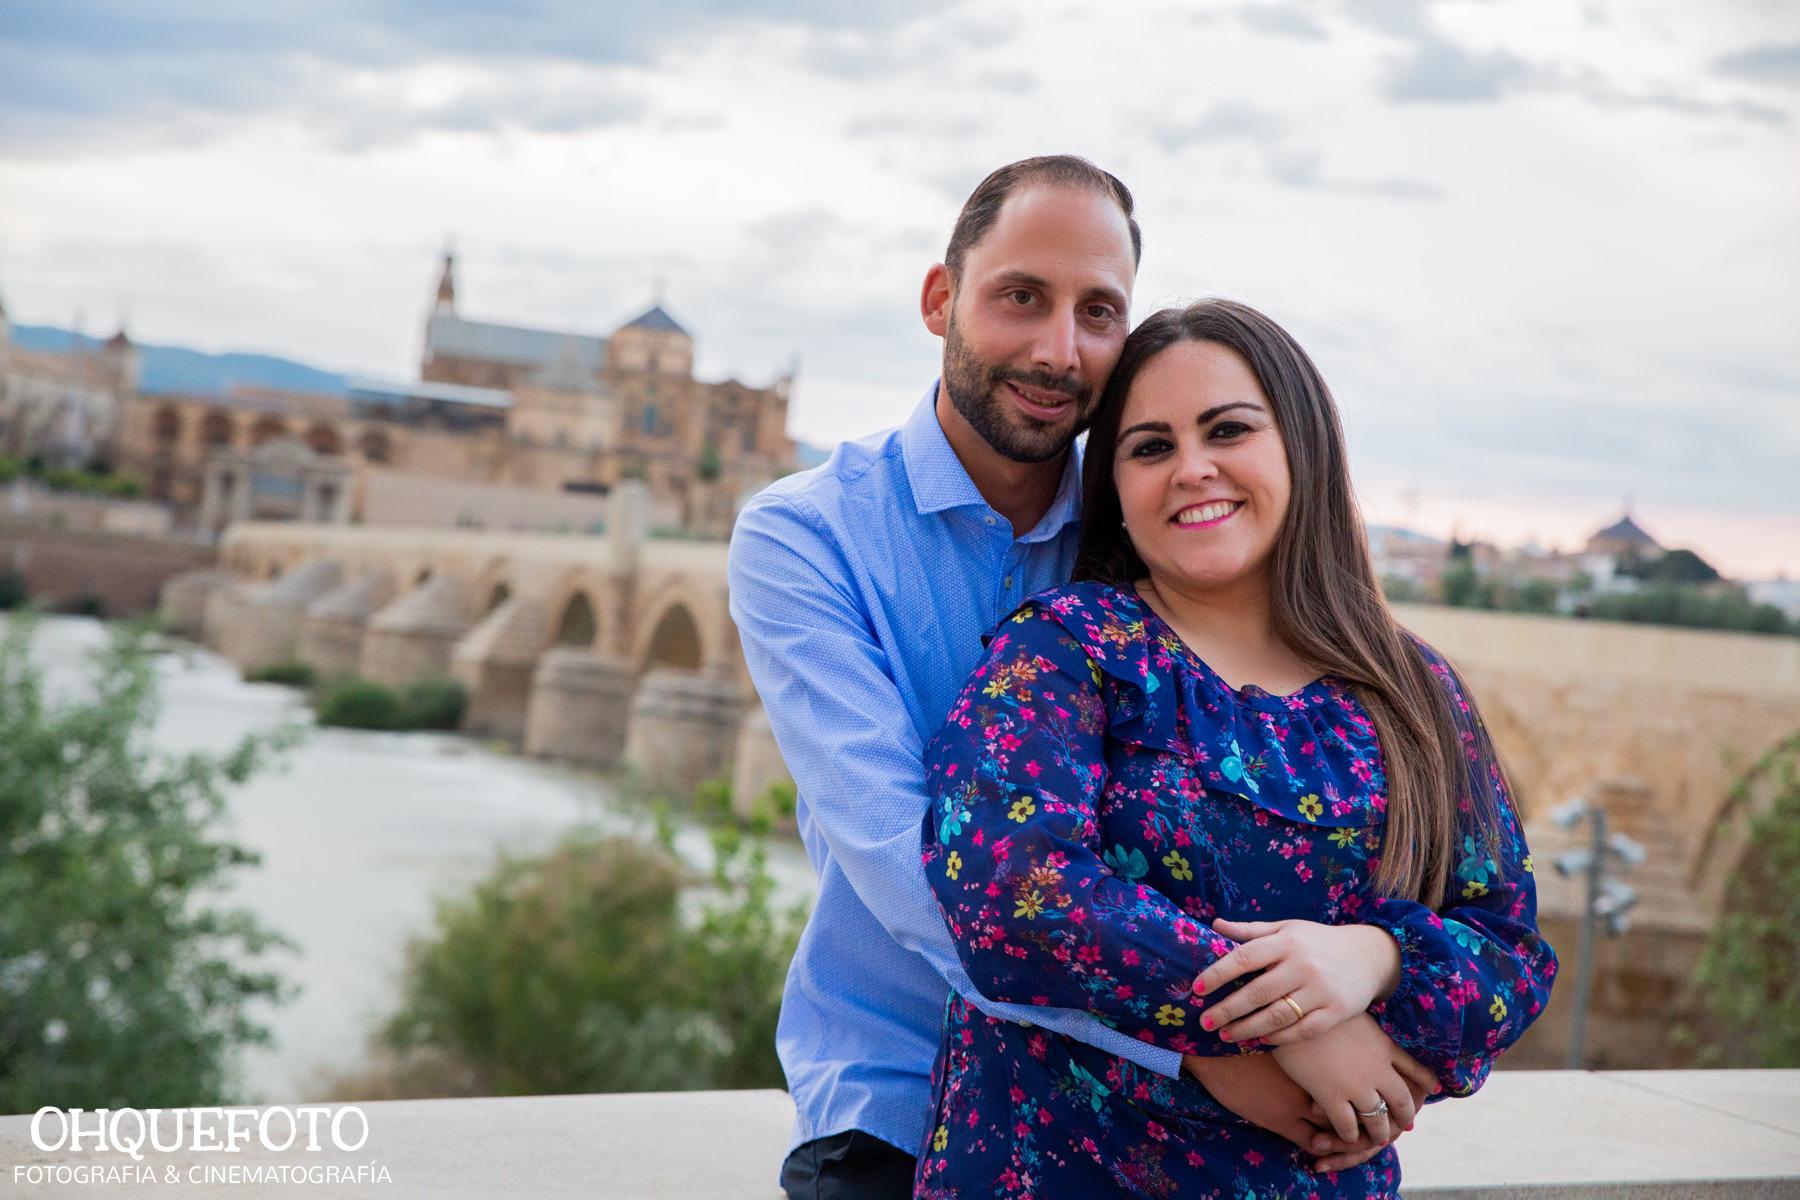 preboda en la judería de cordoba preboda en puente romano cordoba fotos de preboda en cordoba reportaje antes de la boda407 - Reportaje de preboda en la Judería de Córdoba - Elena y Jose